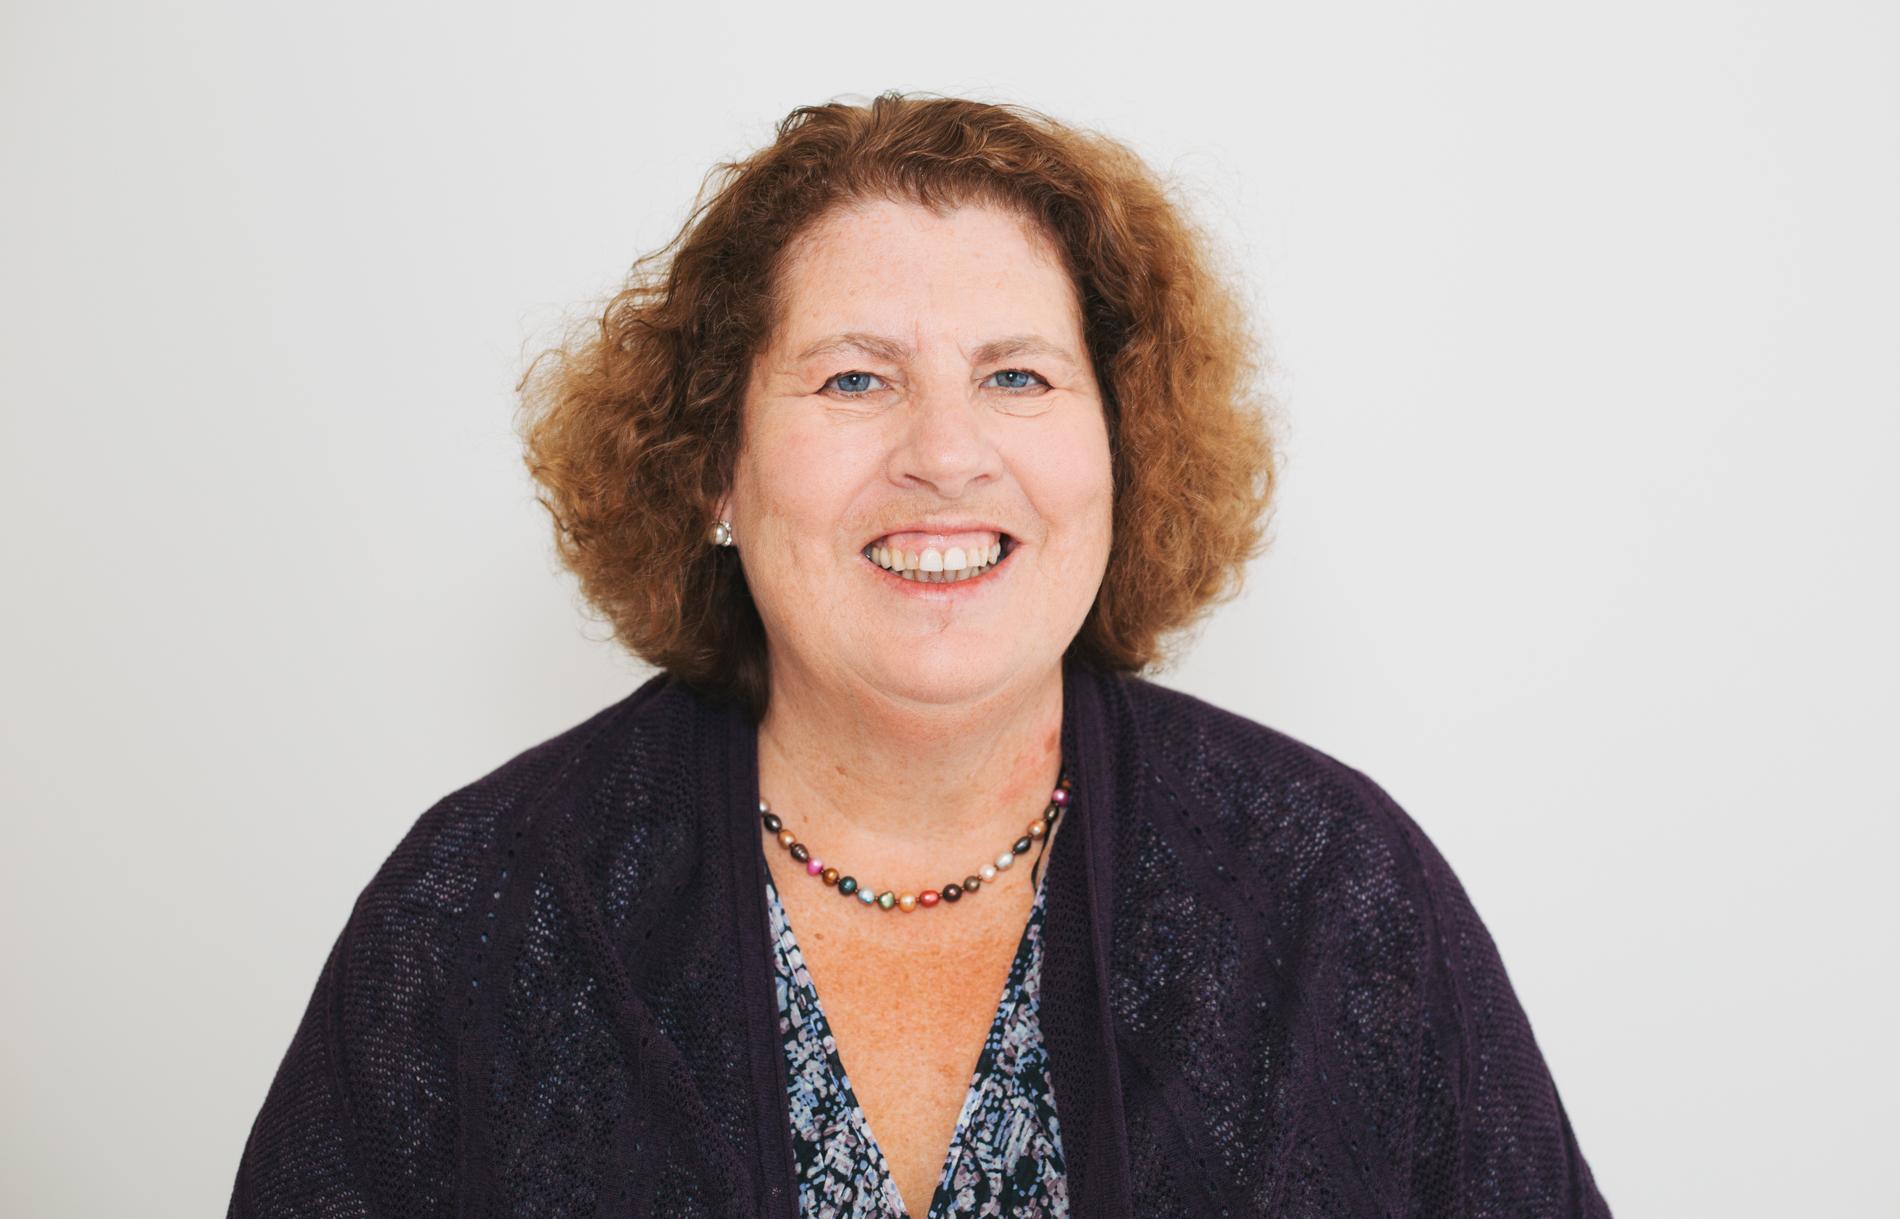 Prof Dr. Maureen Baker CBE